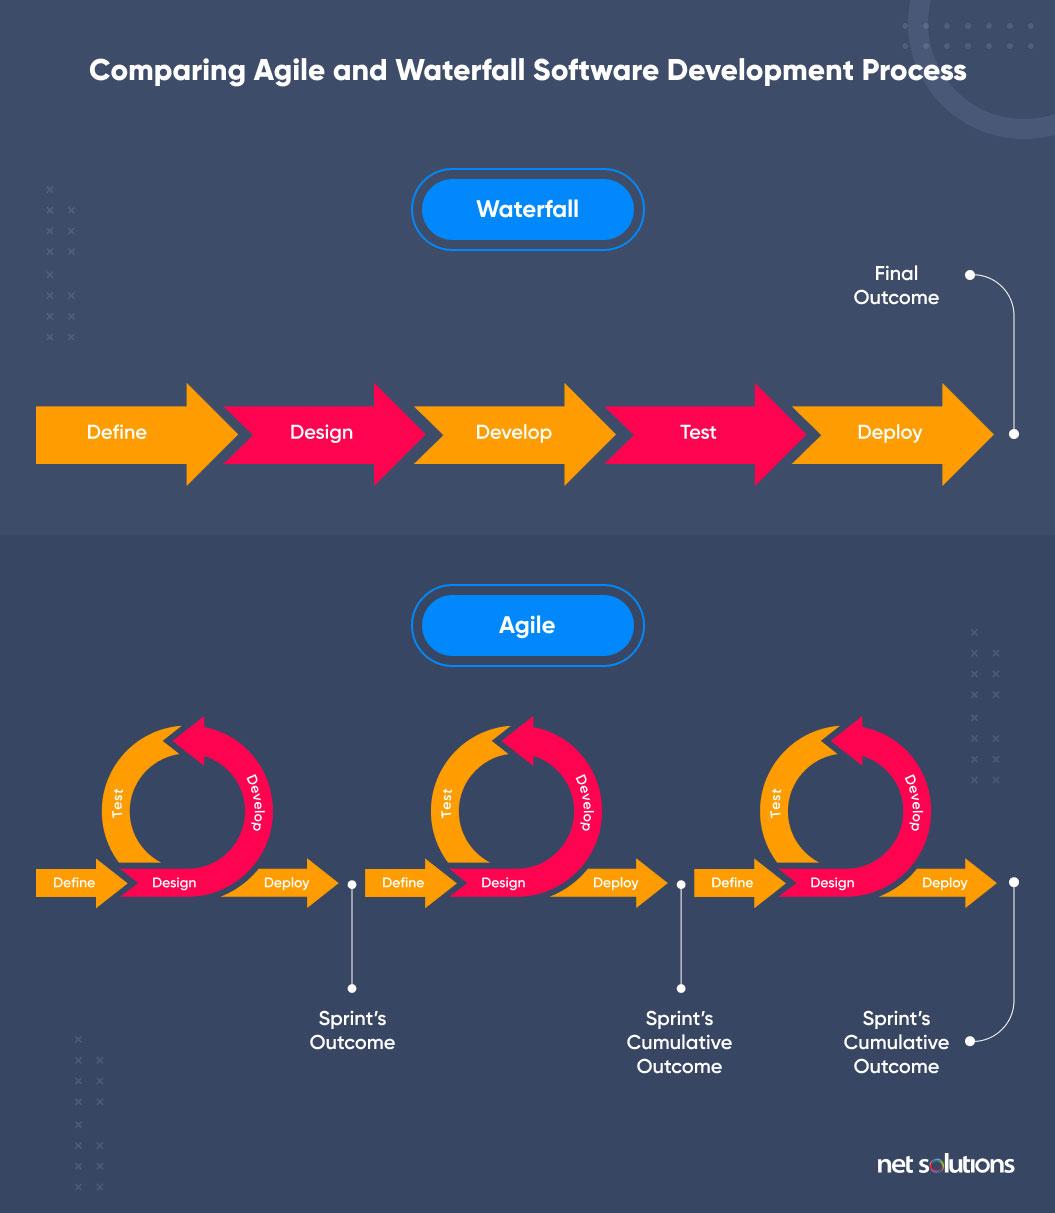 waterfall vs agile process comparison